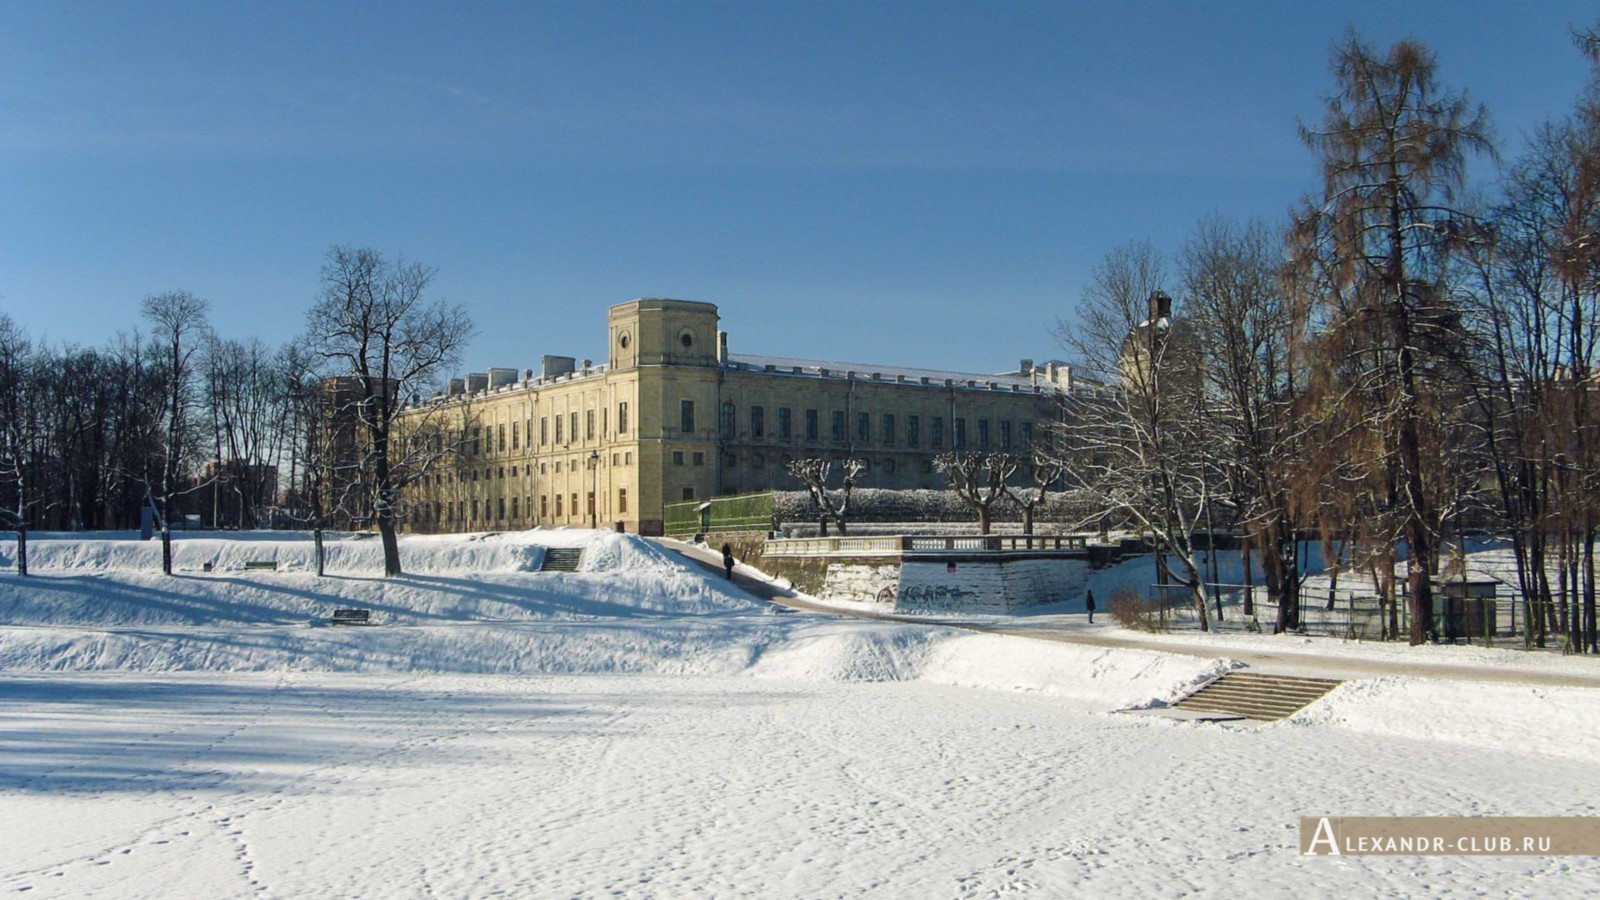 Гатчинский дворец и терраса Собственного садика с Карпина моста